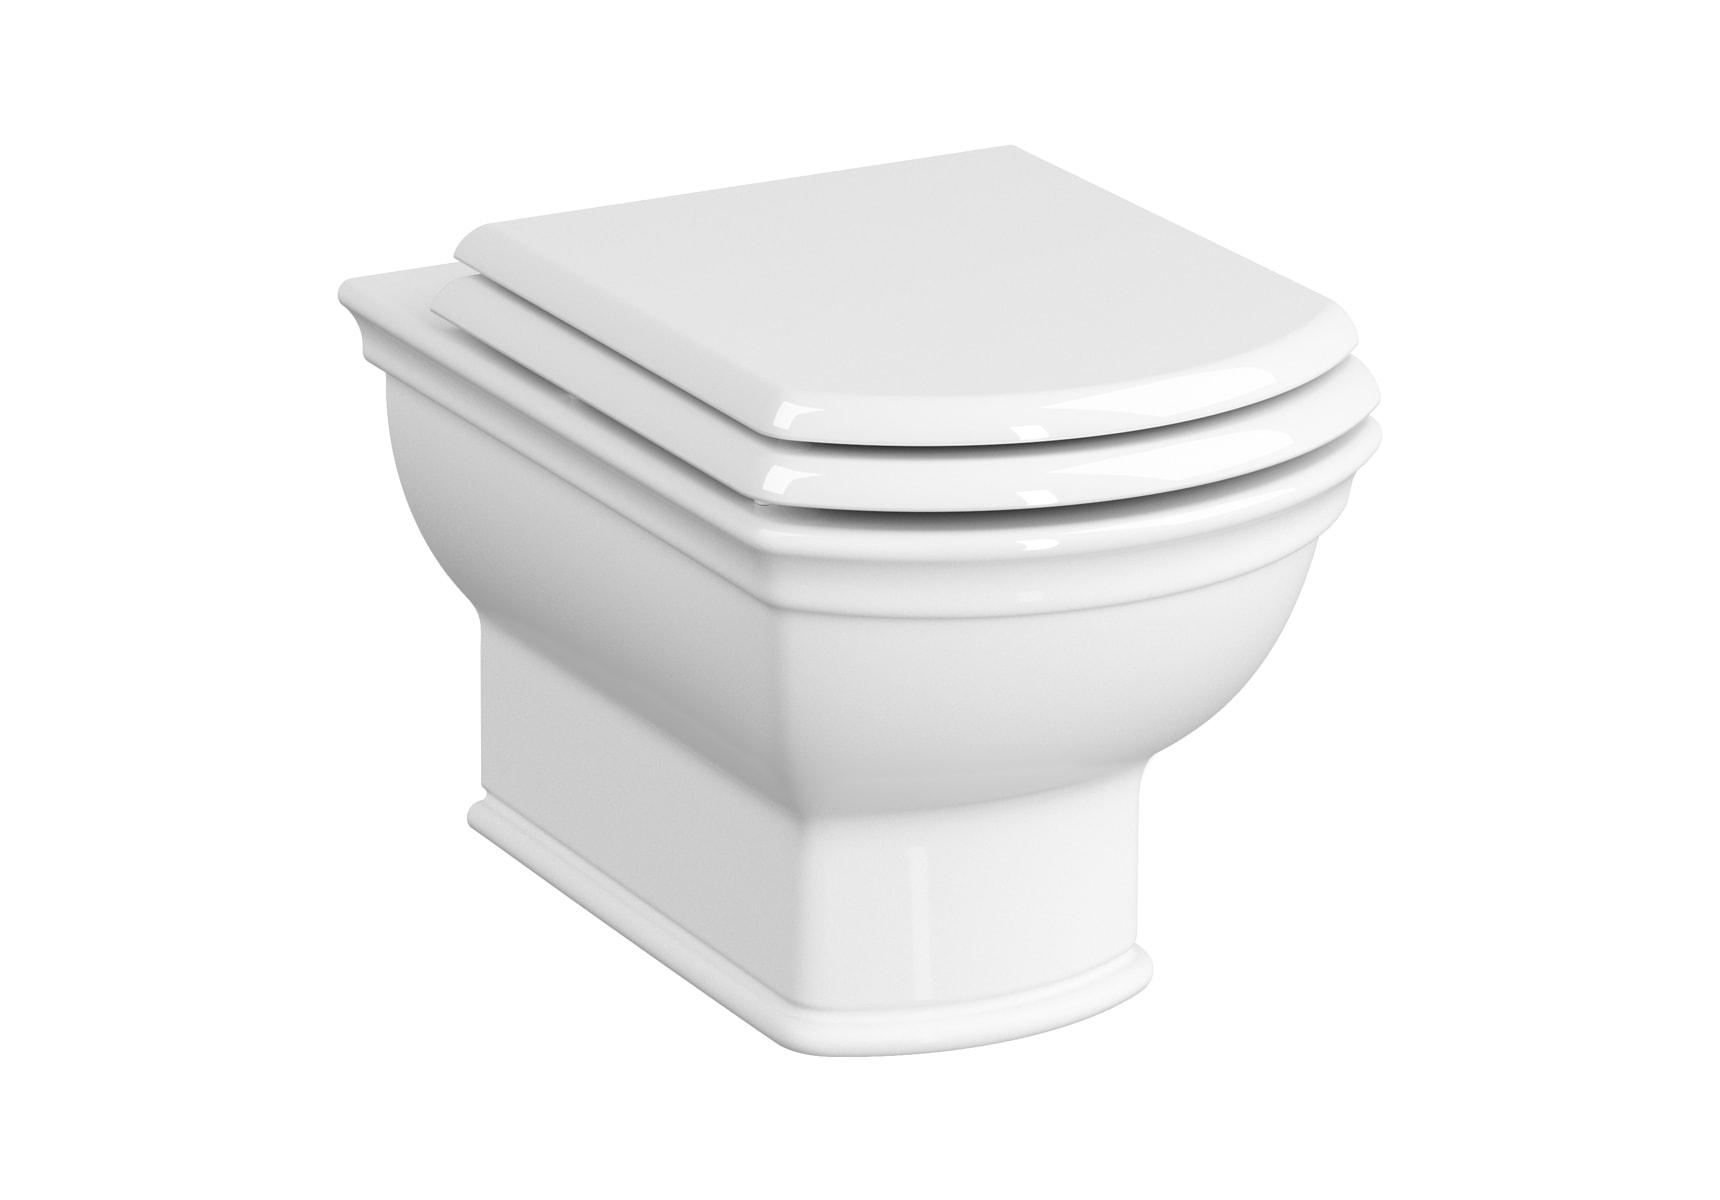 Rim-Ex Wall-Hung WC Pan, 54cm